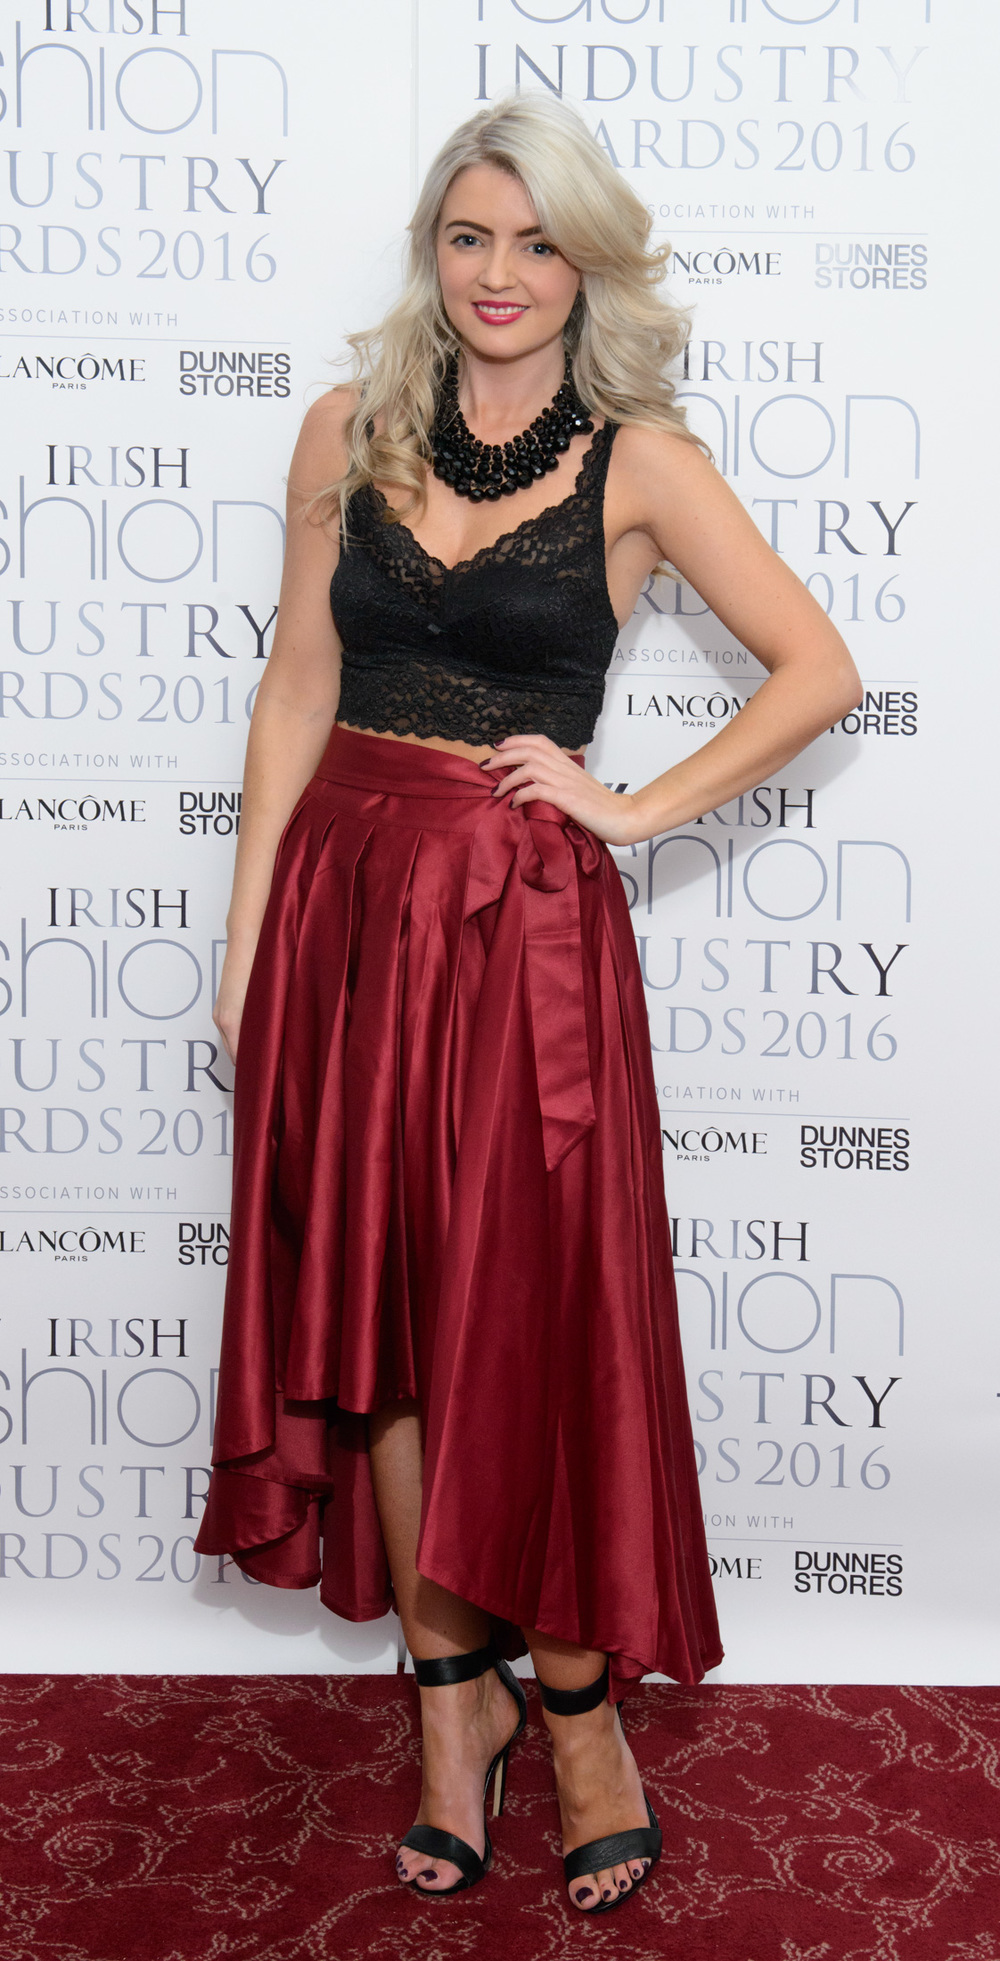 KFW16_Irish Fashion Industry Awards_10085.JPG